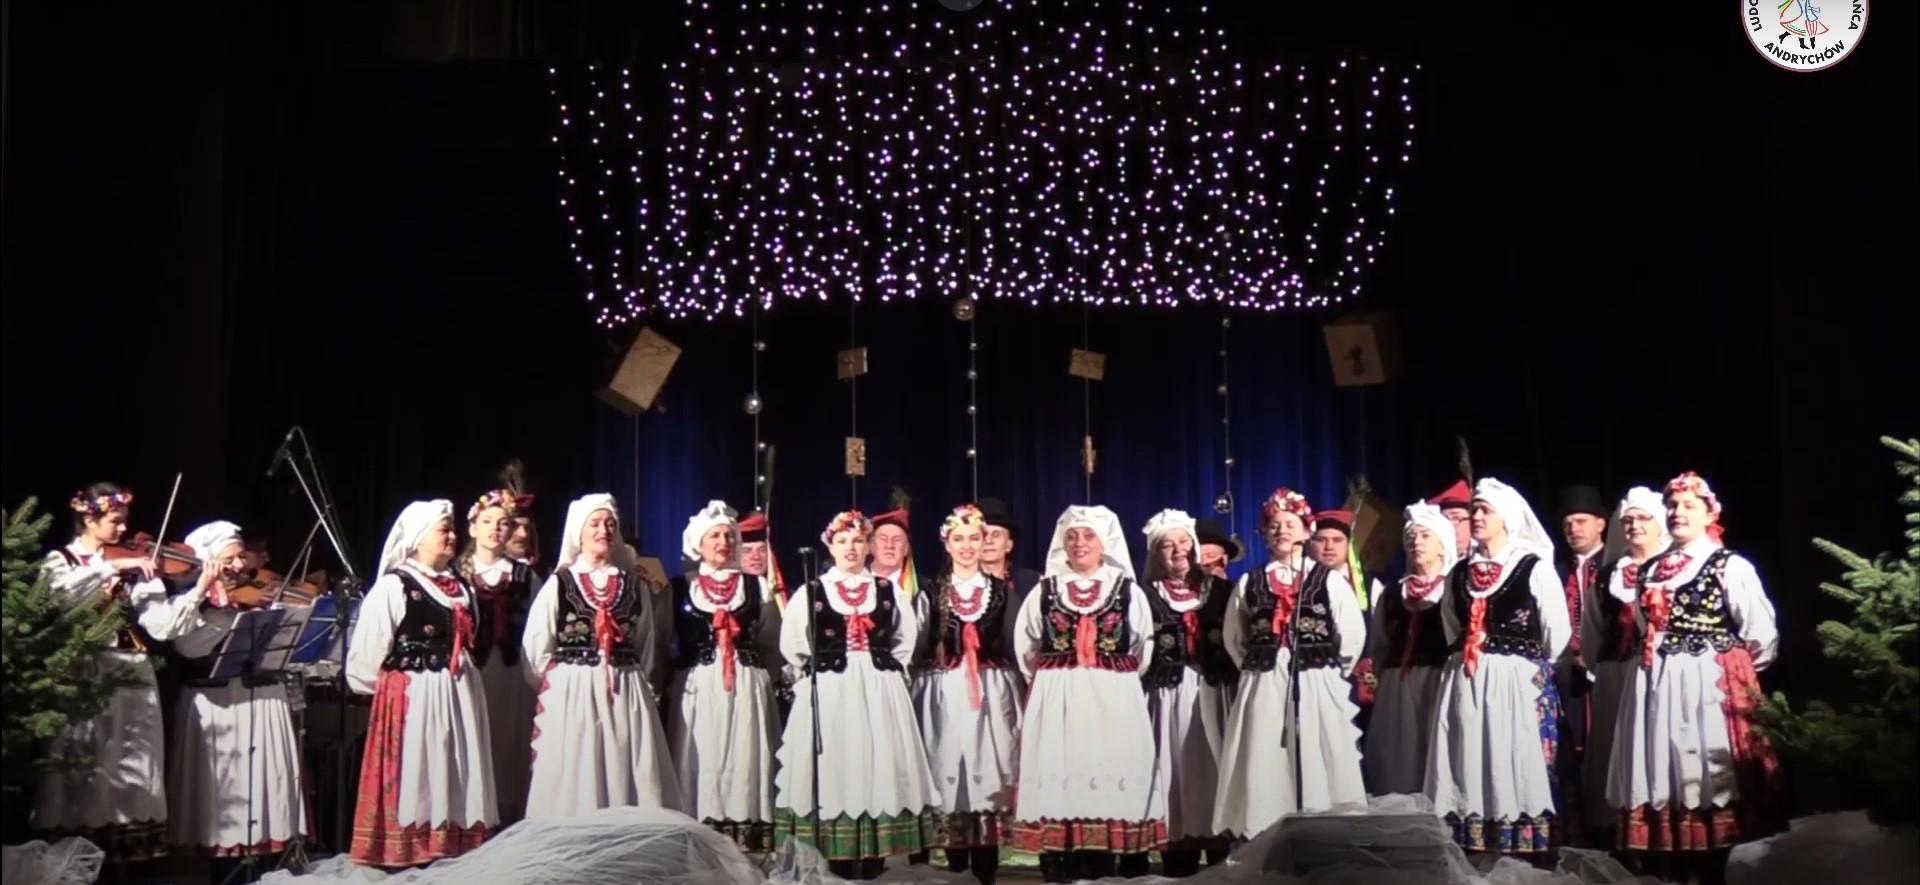 Koncert noworoczny zespołu ANDRYCHÓW do obejrzenia w sieci